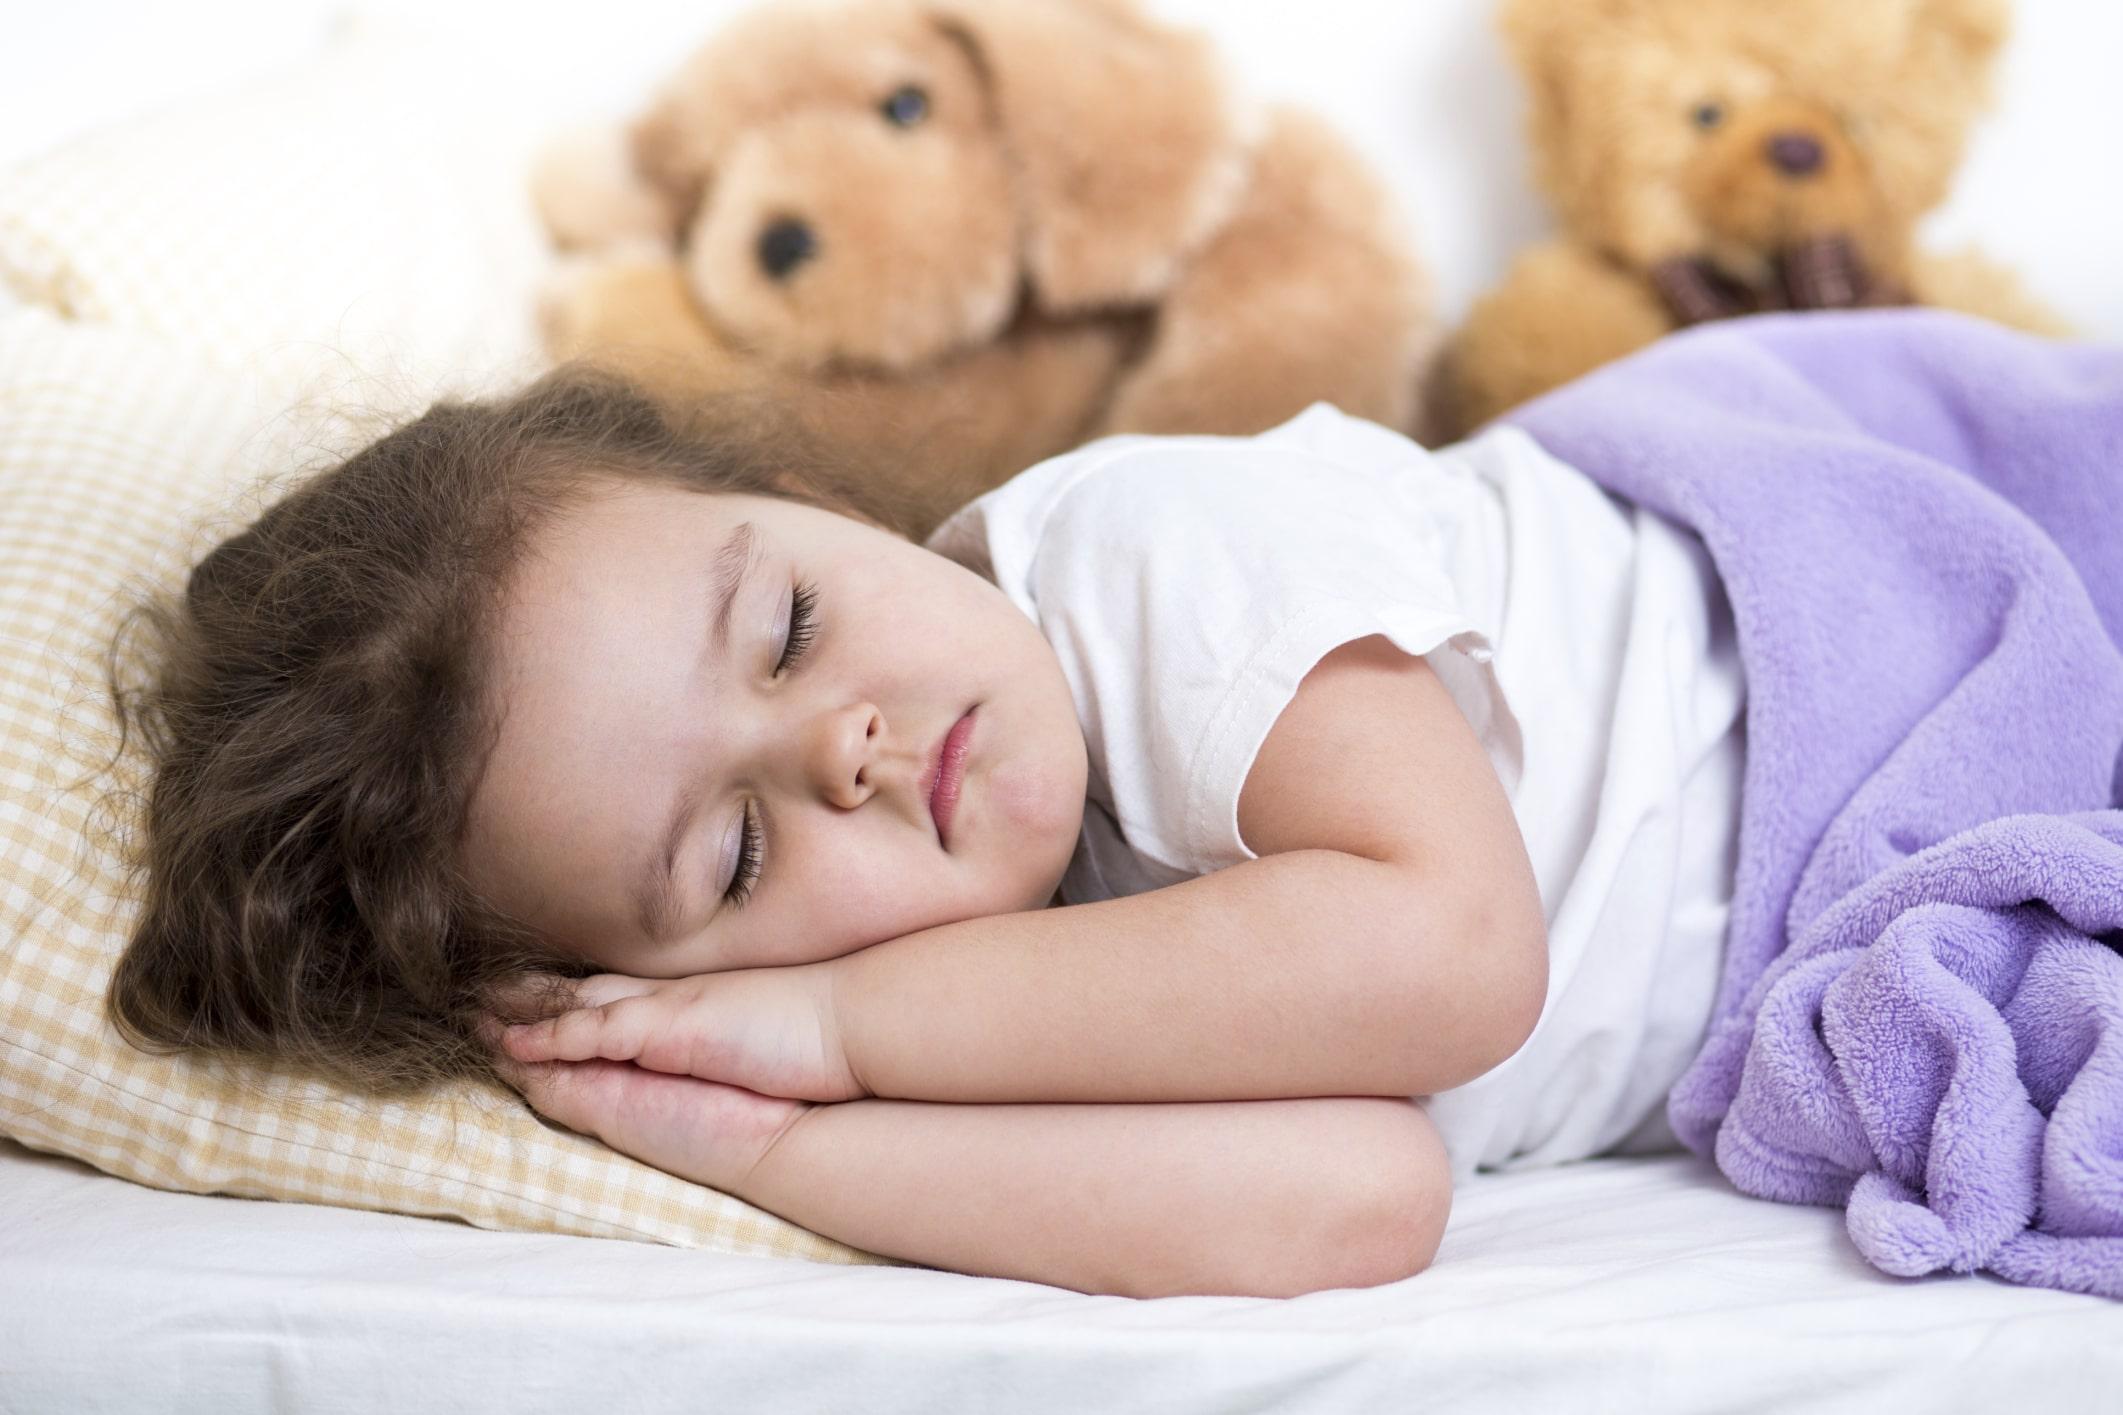 خواب-کافی-برنامه-نویس-تغذیه-سالم-کارمند